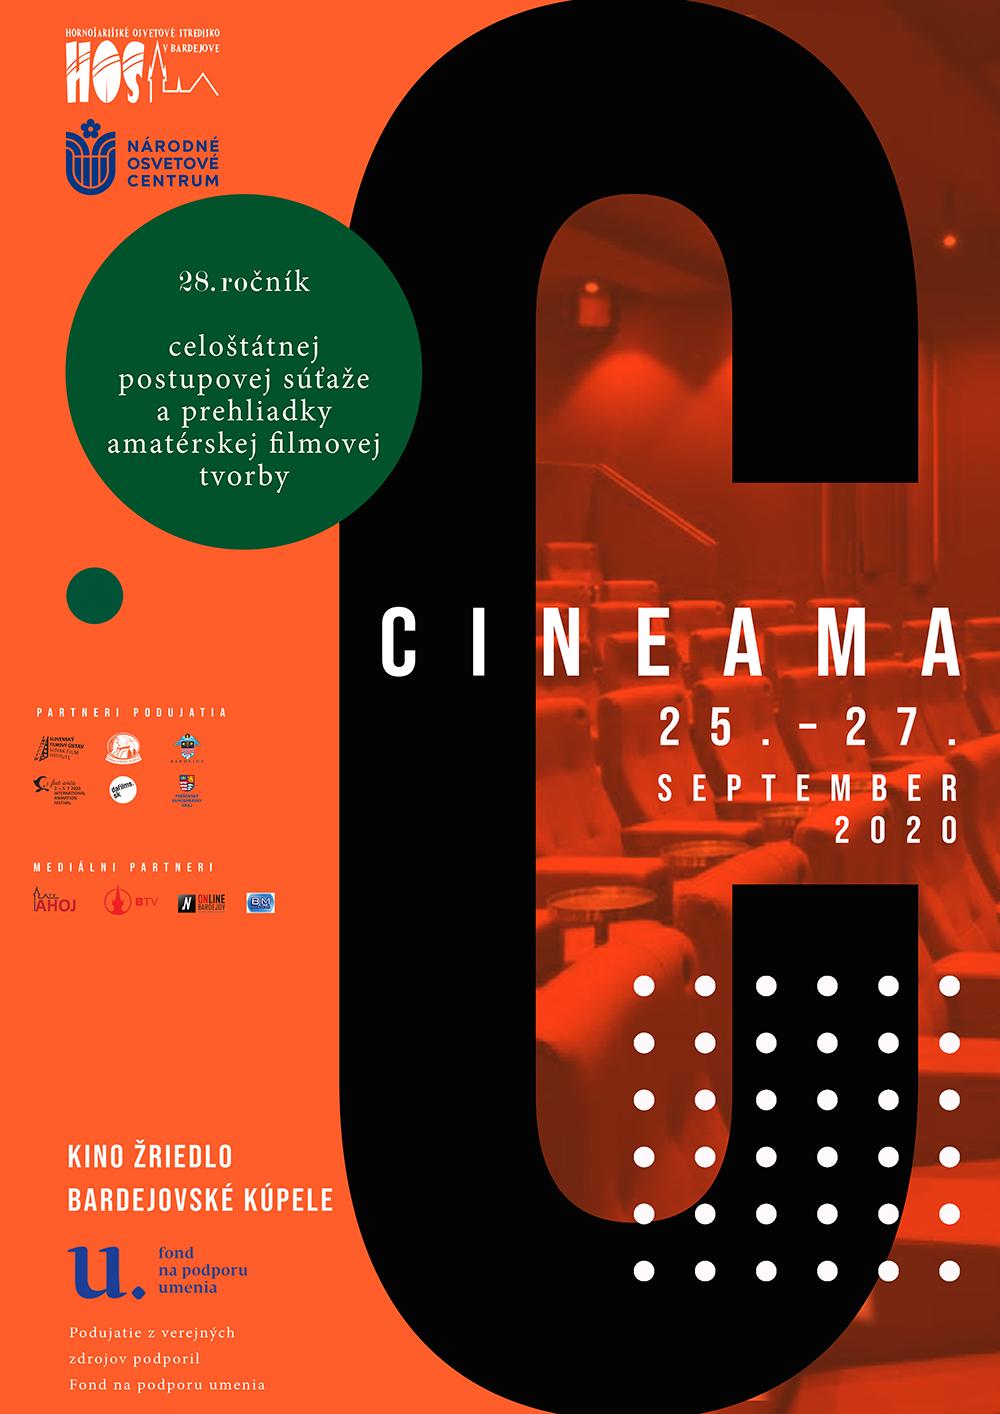 CINEAMA 2020 - plagát